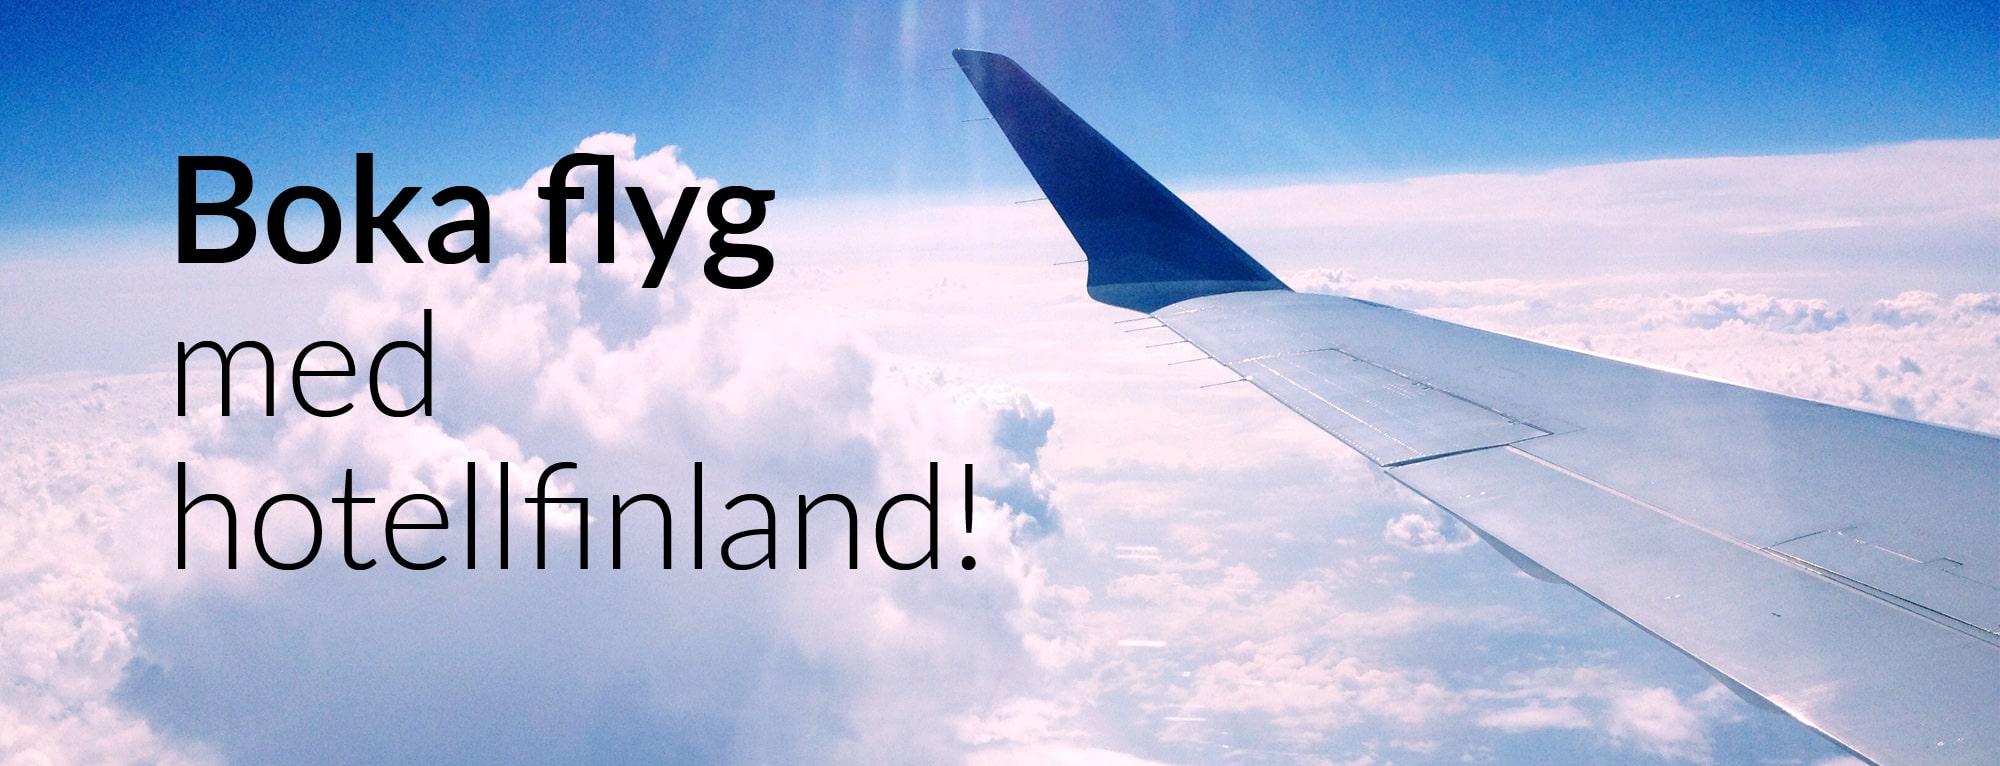 boka flyg med hotell-finland